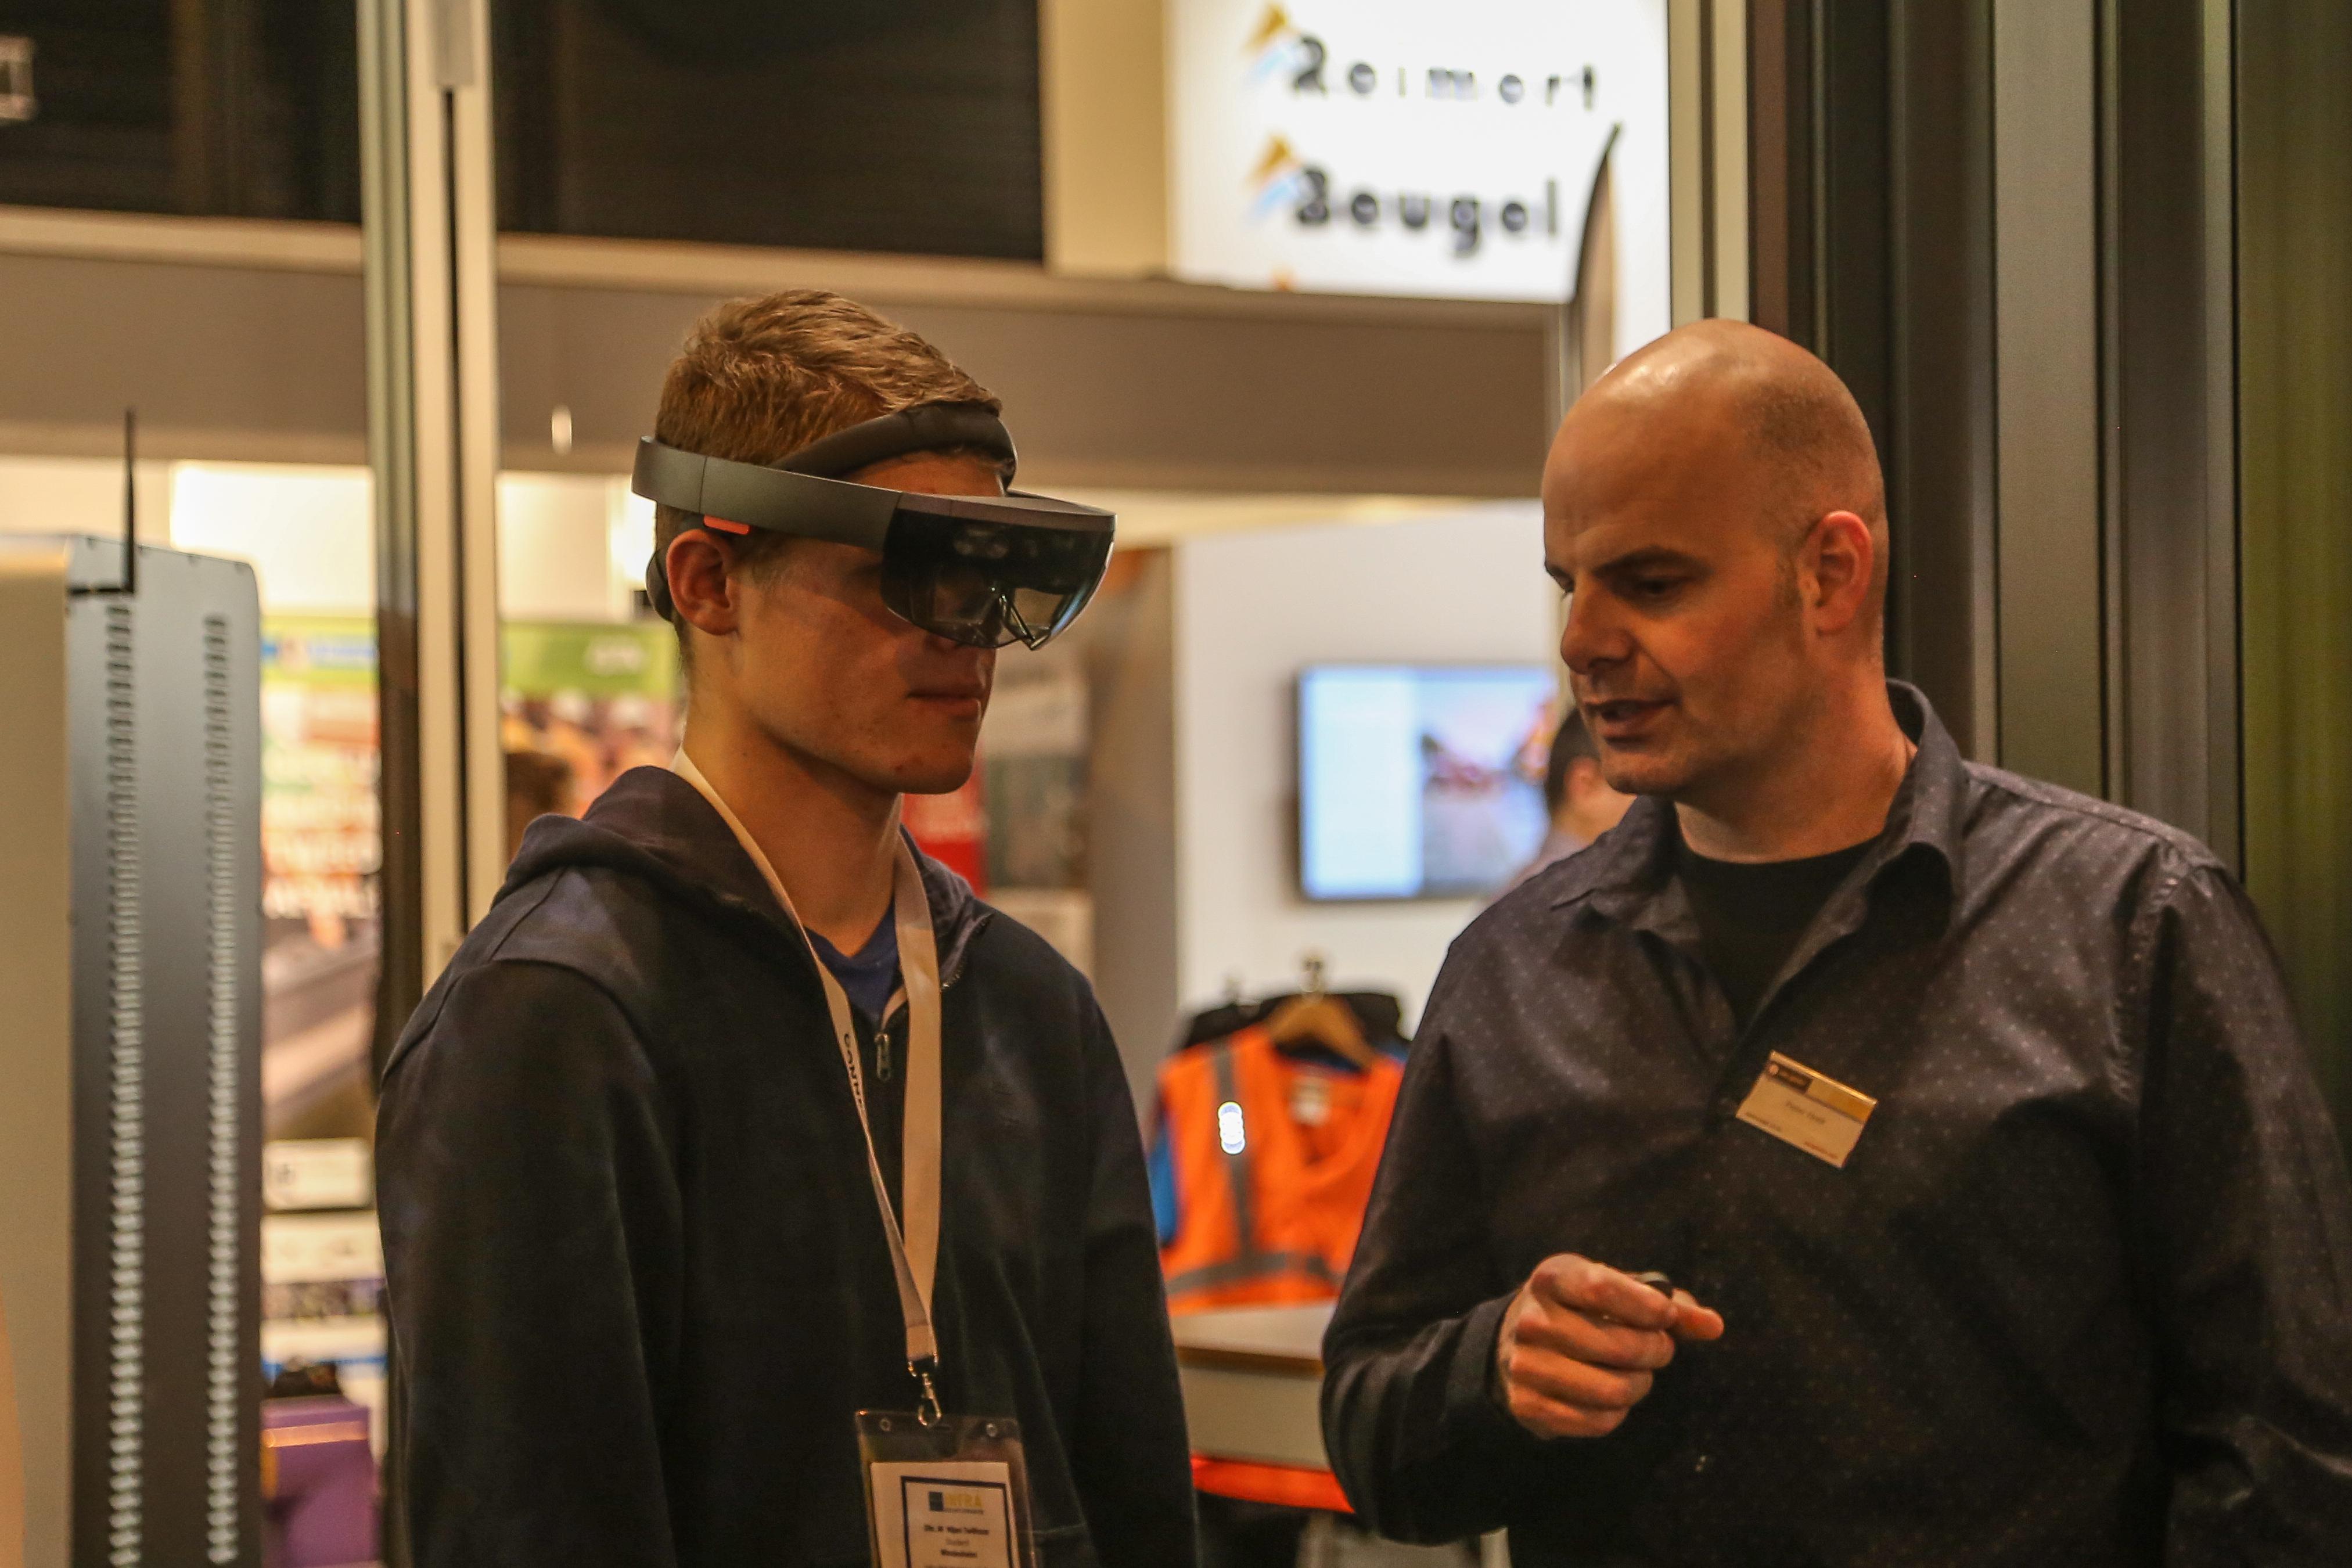 <p>Pieter Hoek van infrabedrijf Van Gelder laat een student zien hoe deze augmented reality-bril werkt. Ook is er een interactieve quiz op de stand. Met Gelderpoort heeft het bedrijf al jaren een eigen opleidingsinstituut. Grote wens is dat mbo&#8217;ers hier direct na hun studie zouden kunnen starten, nu mag dat pas vanaf hun 18e jaar.</p>